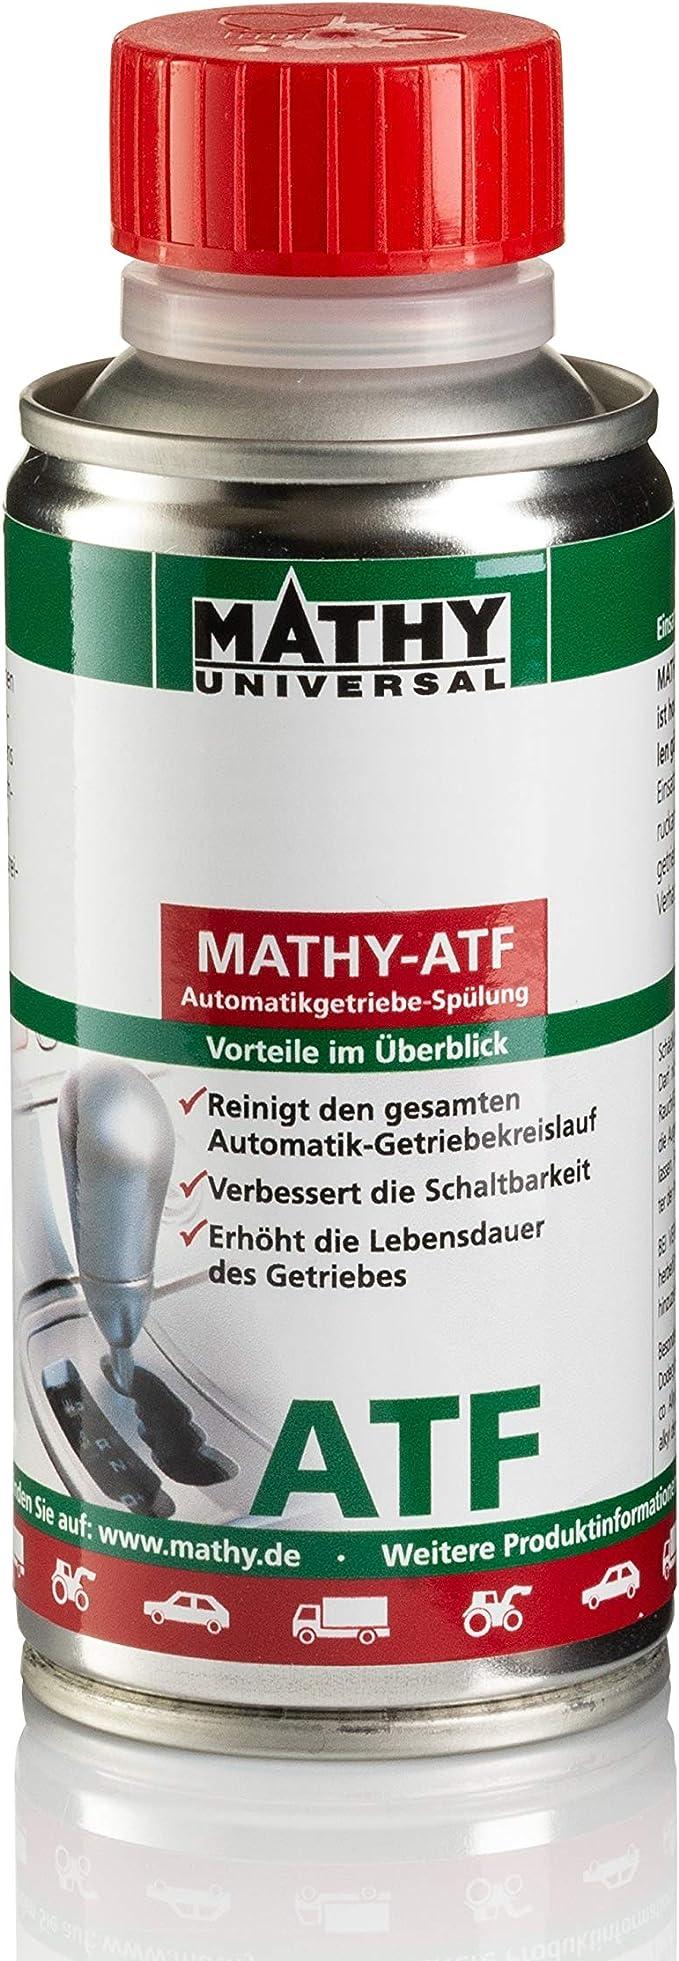 Mathy Atf Automatikgetriebe Reiniger Spülung 150ml Spülung Gegen Schaltprobleme Auto